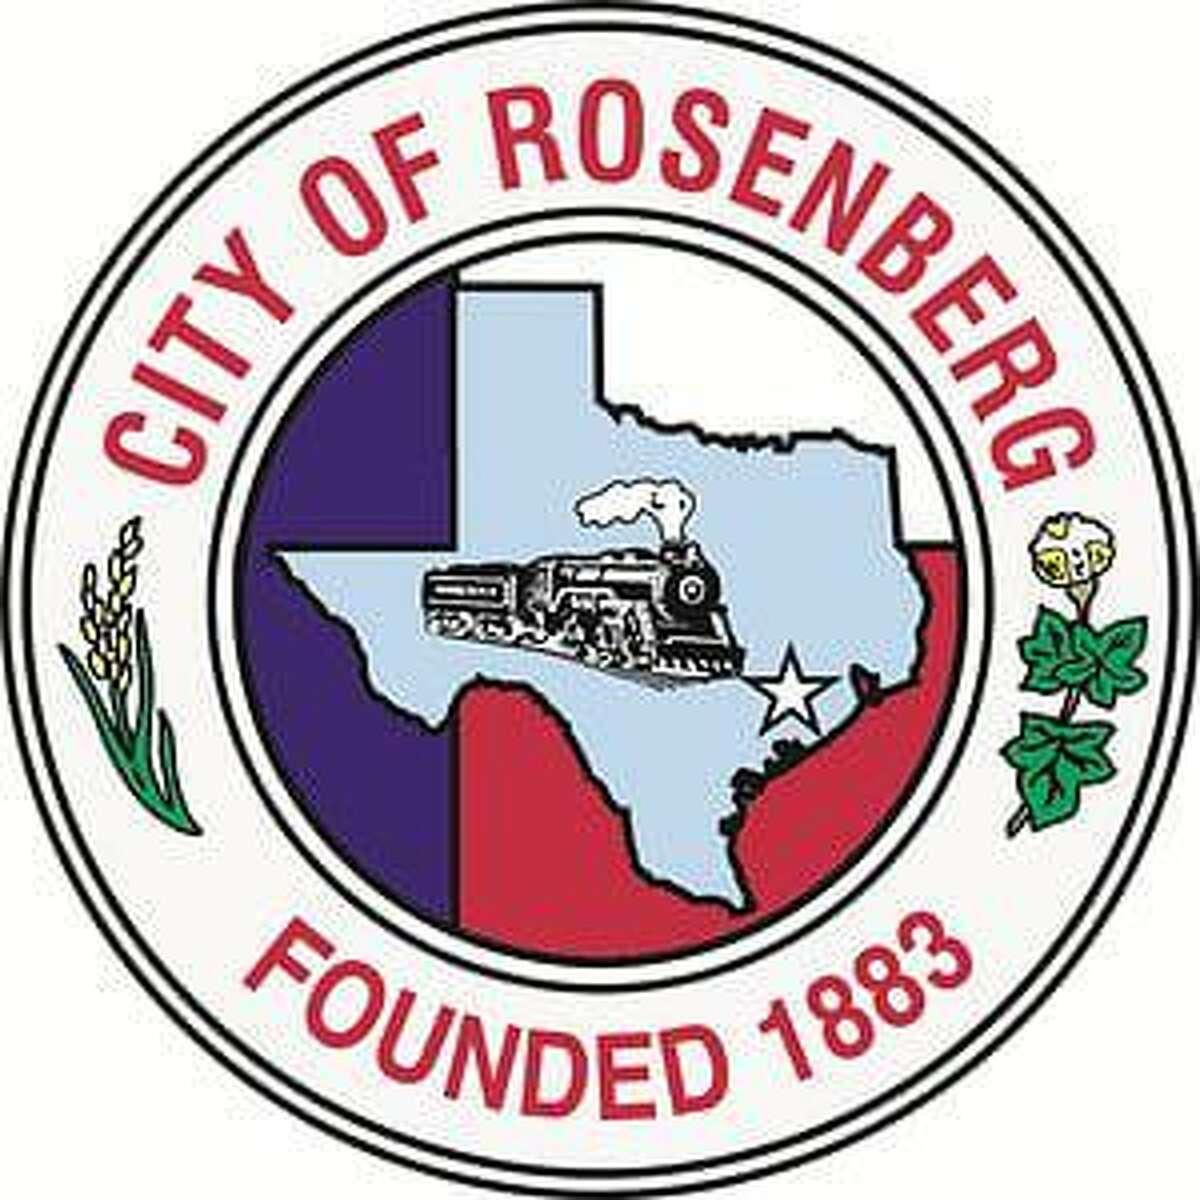 City of Rosenberg